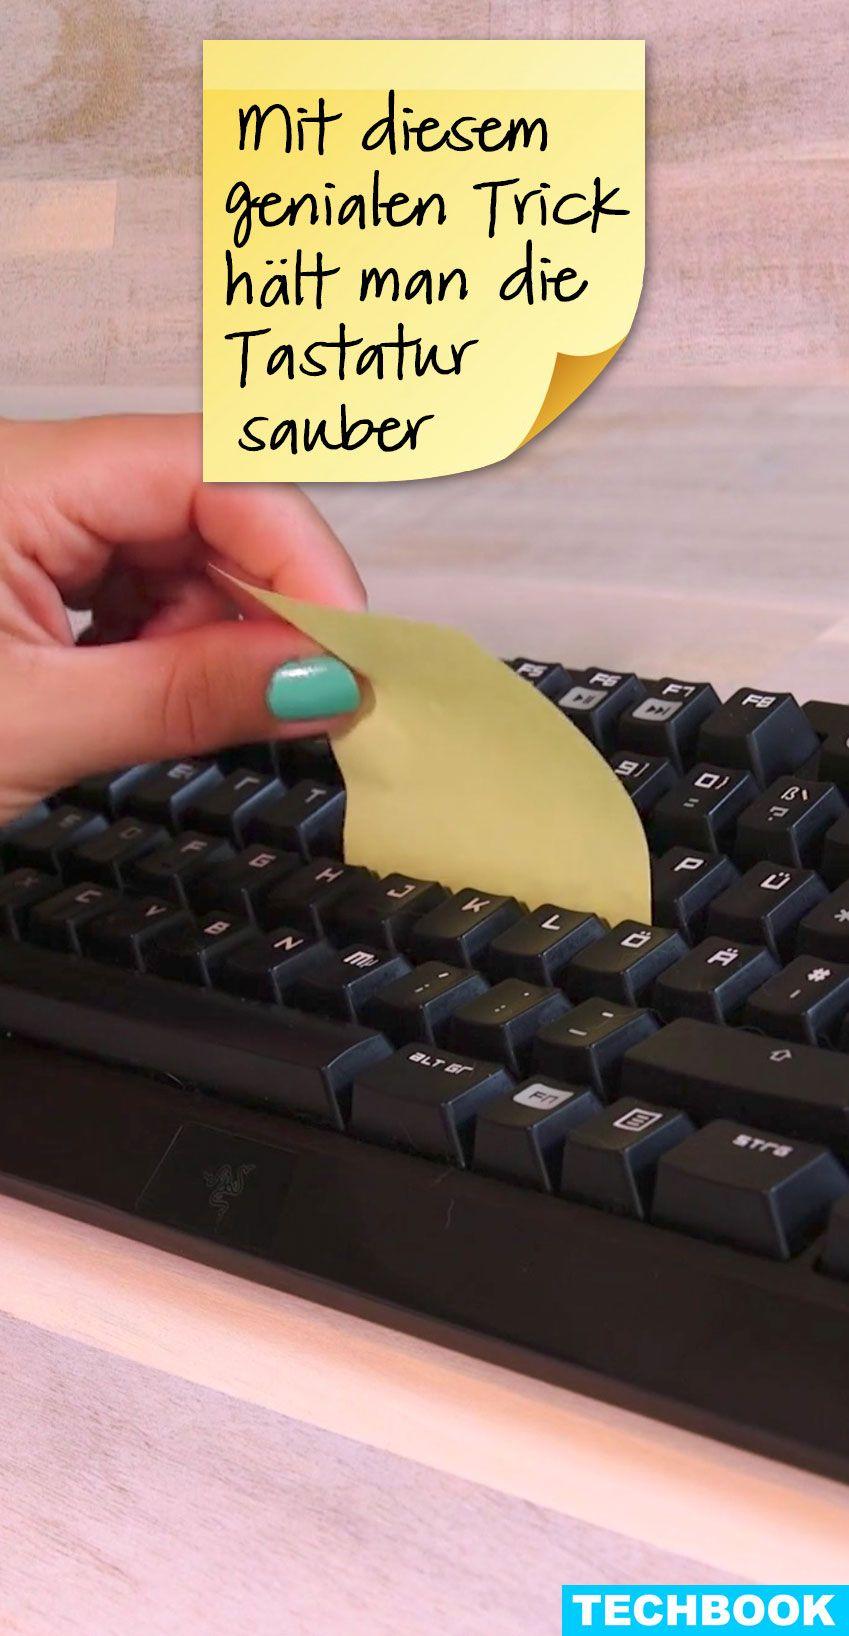 mit diesem genialen trick haltet ihr die tastatur sauber magazin pinterest tastatur. Black Bedroom Furniture Sets. Home Design Ideas